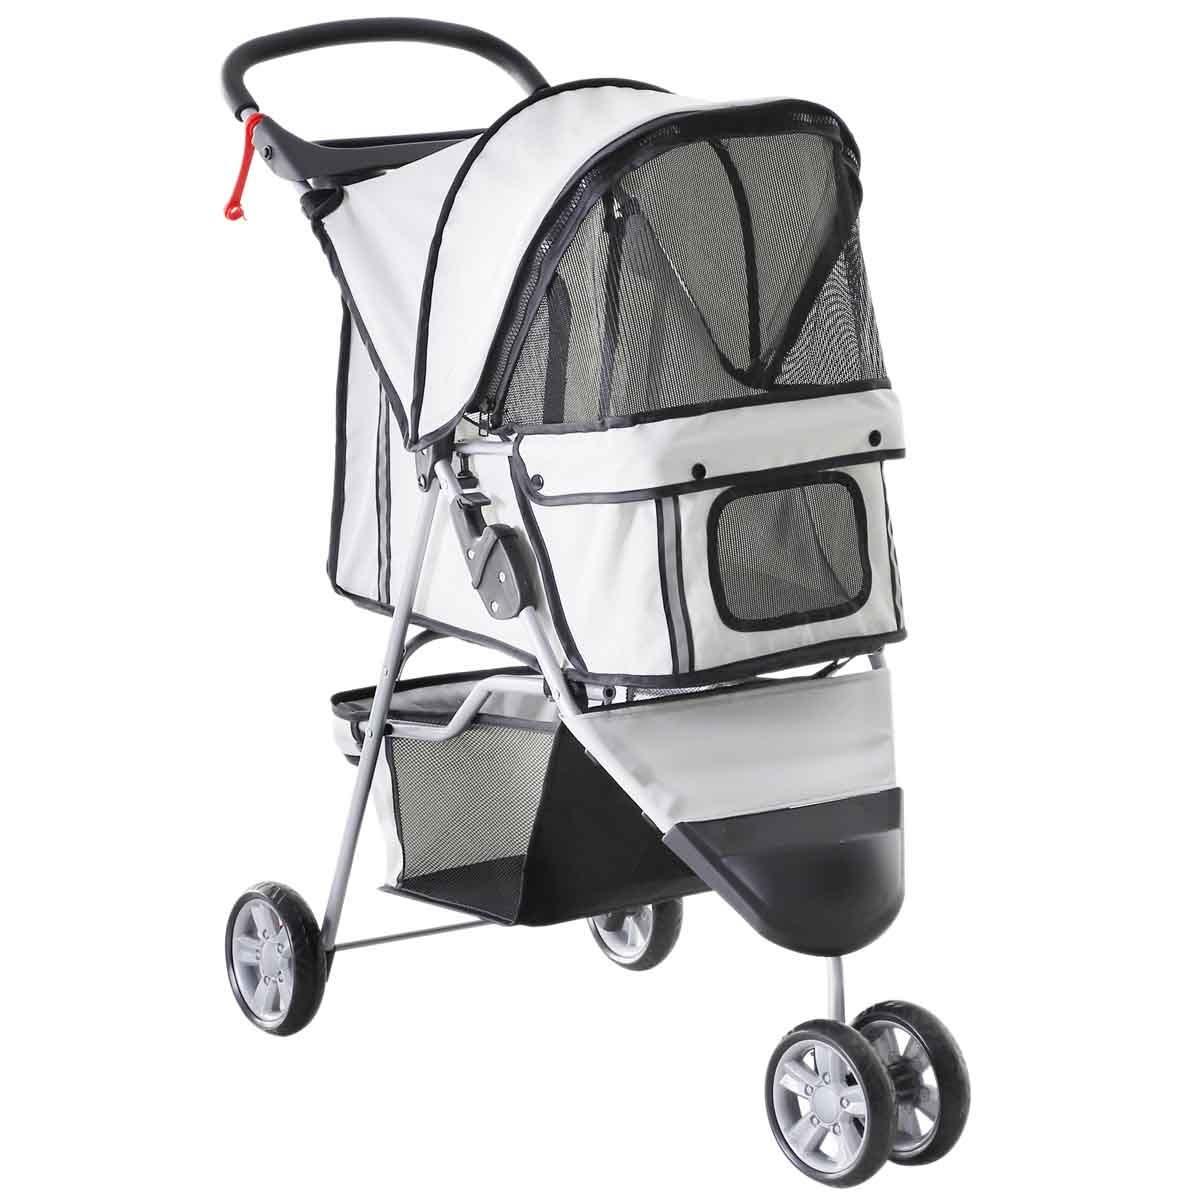 PawHut 3 Wheel Pet Stroller Pram - Grey